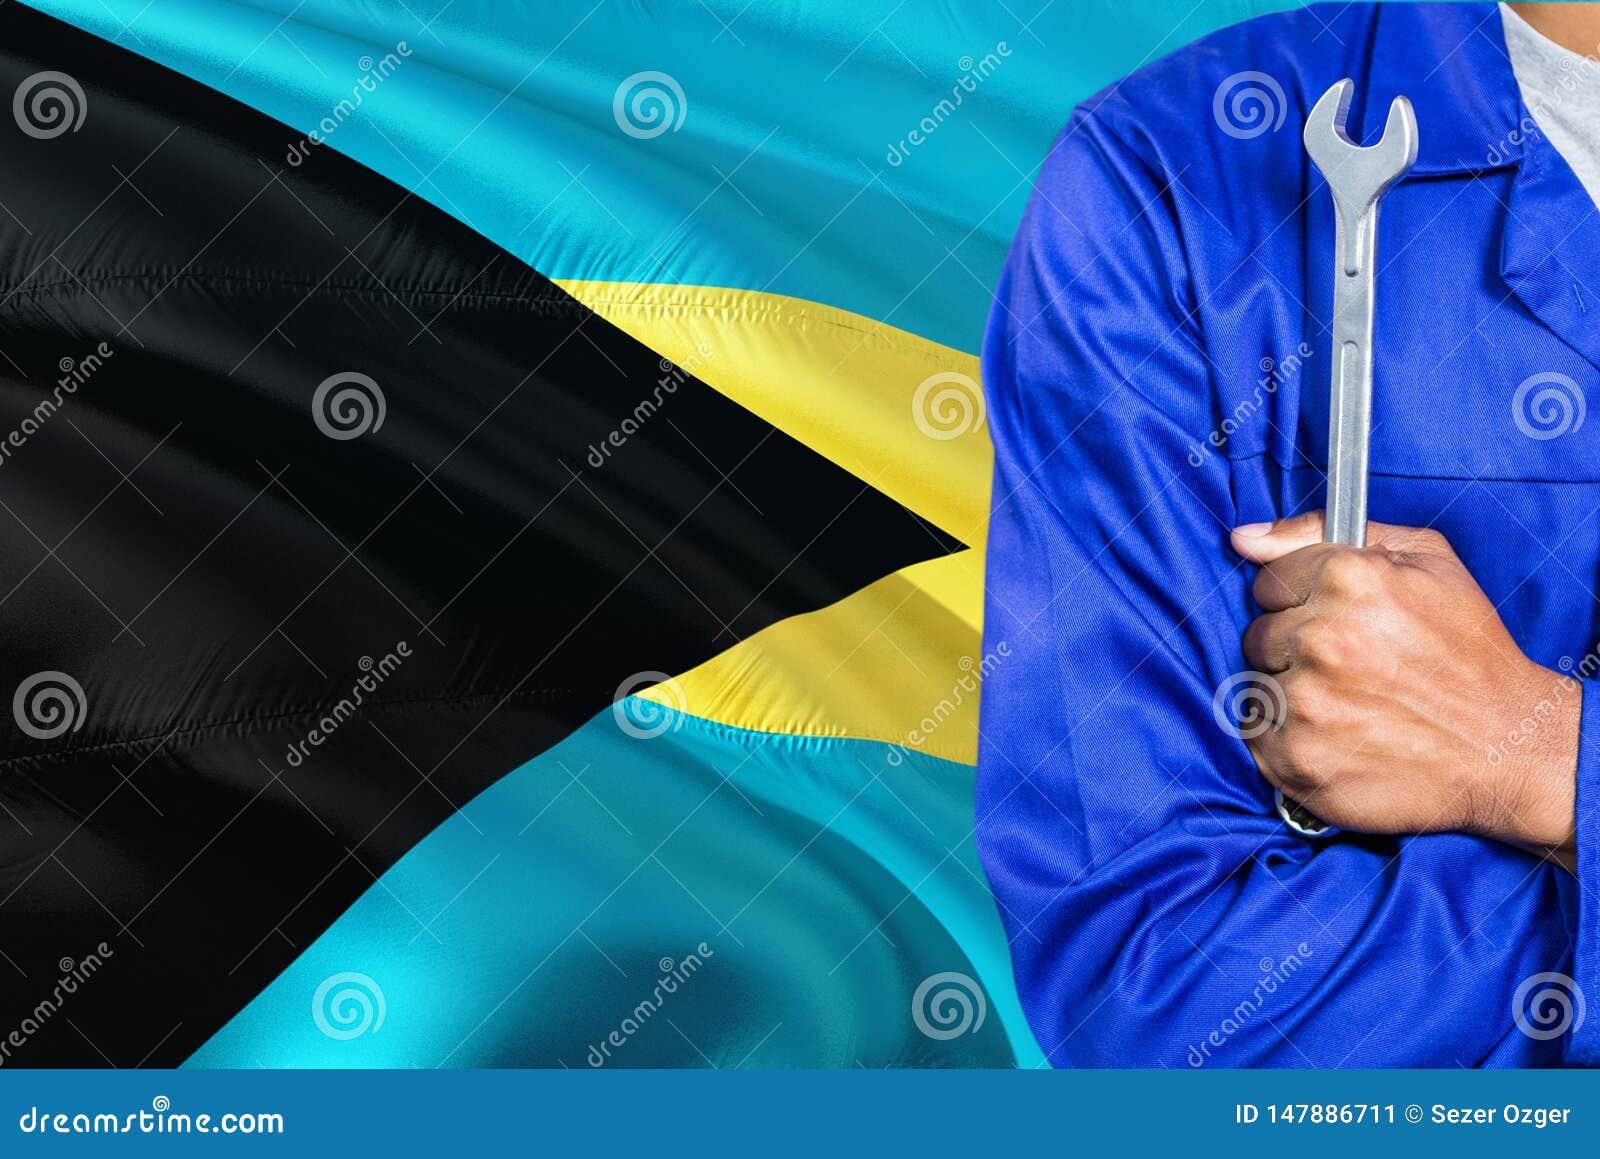 蓝色制服的巴哈马群岛的技工拿着板钳反对挥动巴哈马旗子背景 横渡的胳膊技术员